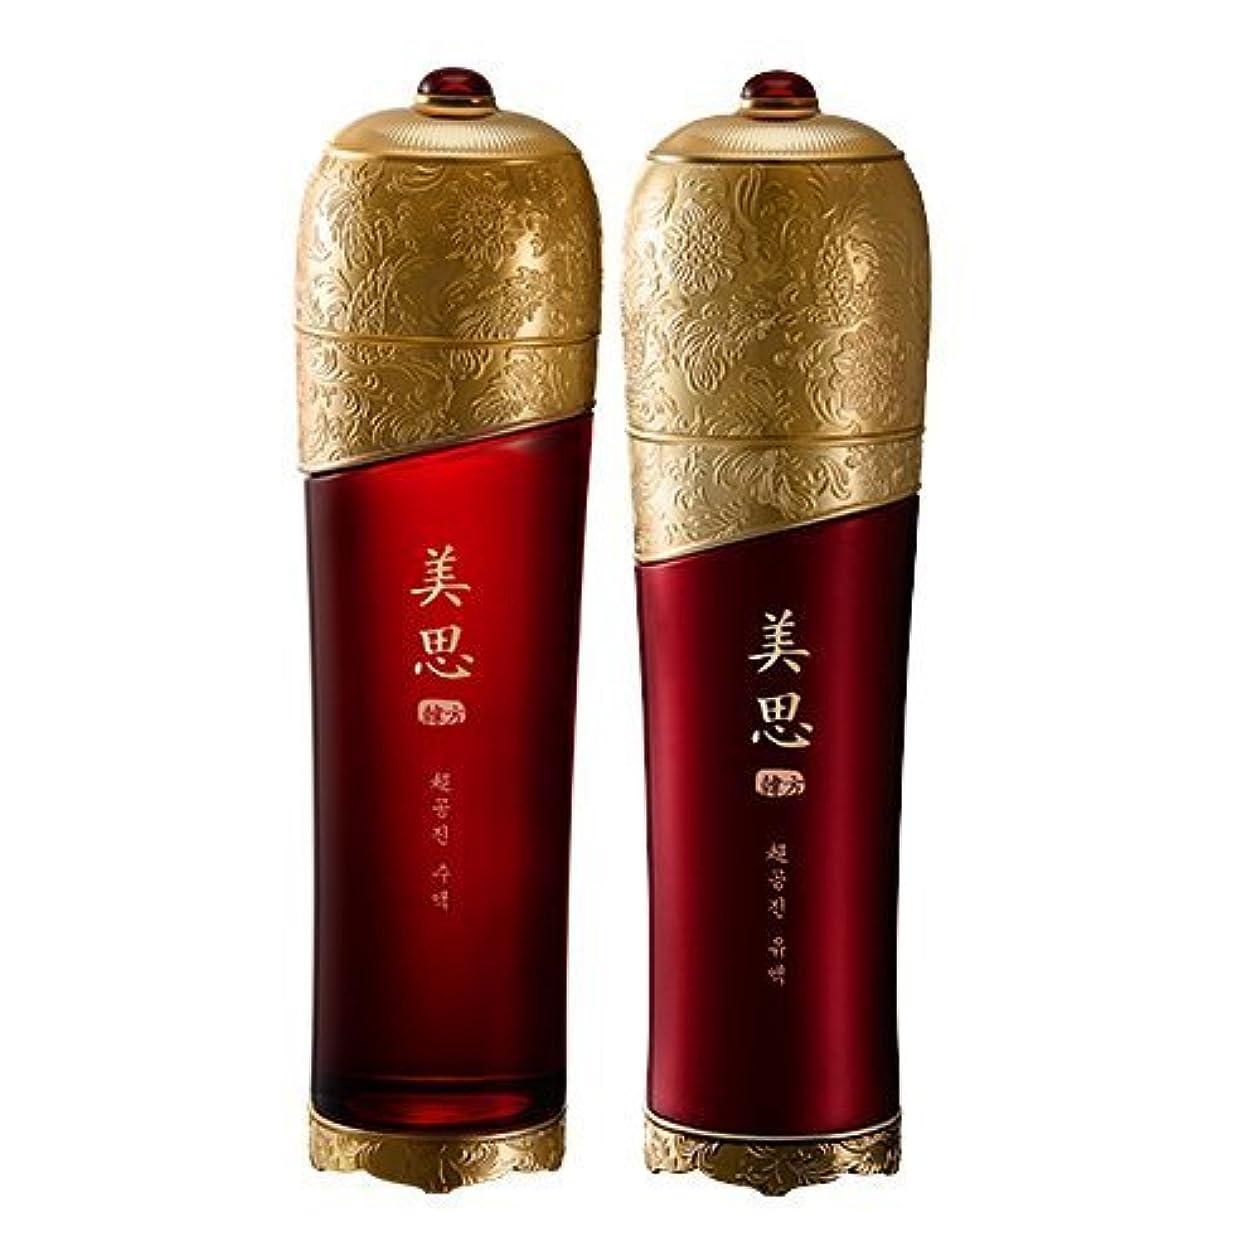 極貧雑種ジョセフバンクスMISSHA(ミシャ) 美思 韓方 チョゴンジン 基礎化粧品 スキンケア 化粧水+乳液=お得2種Set